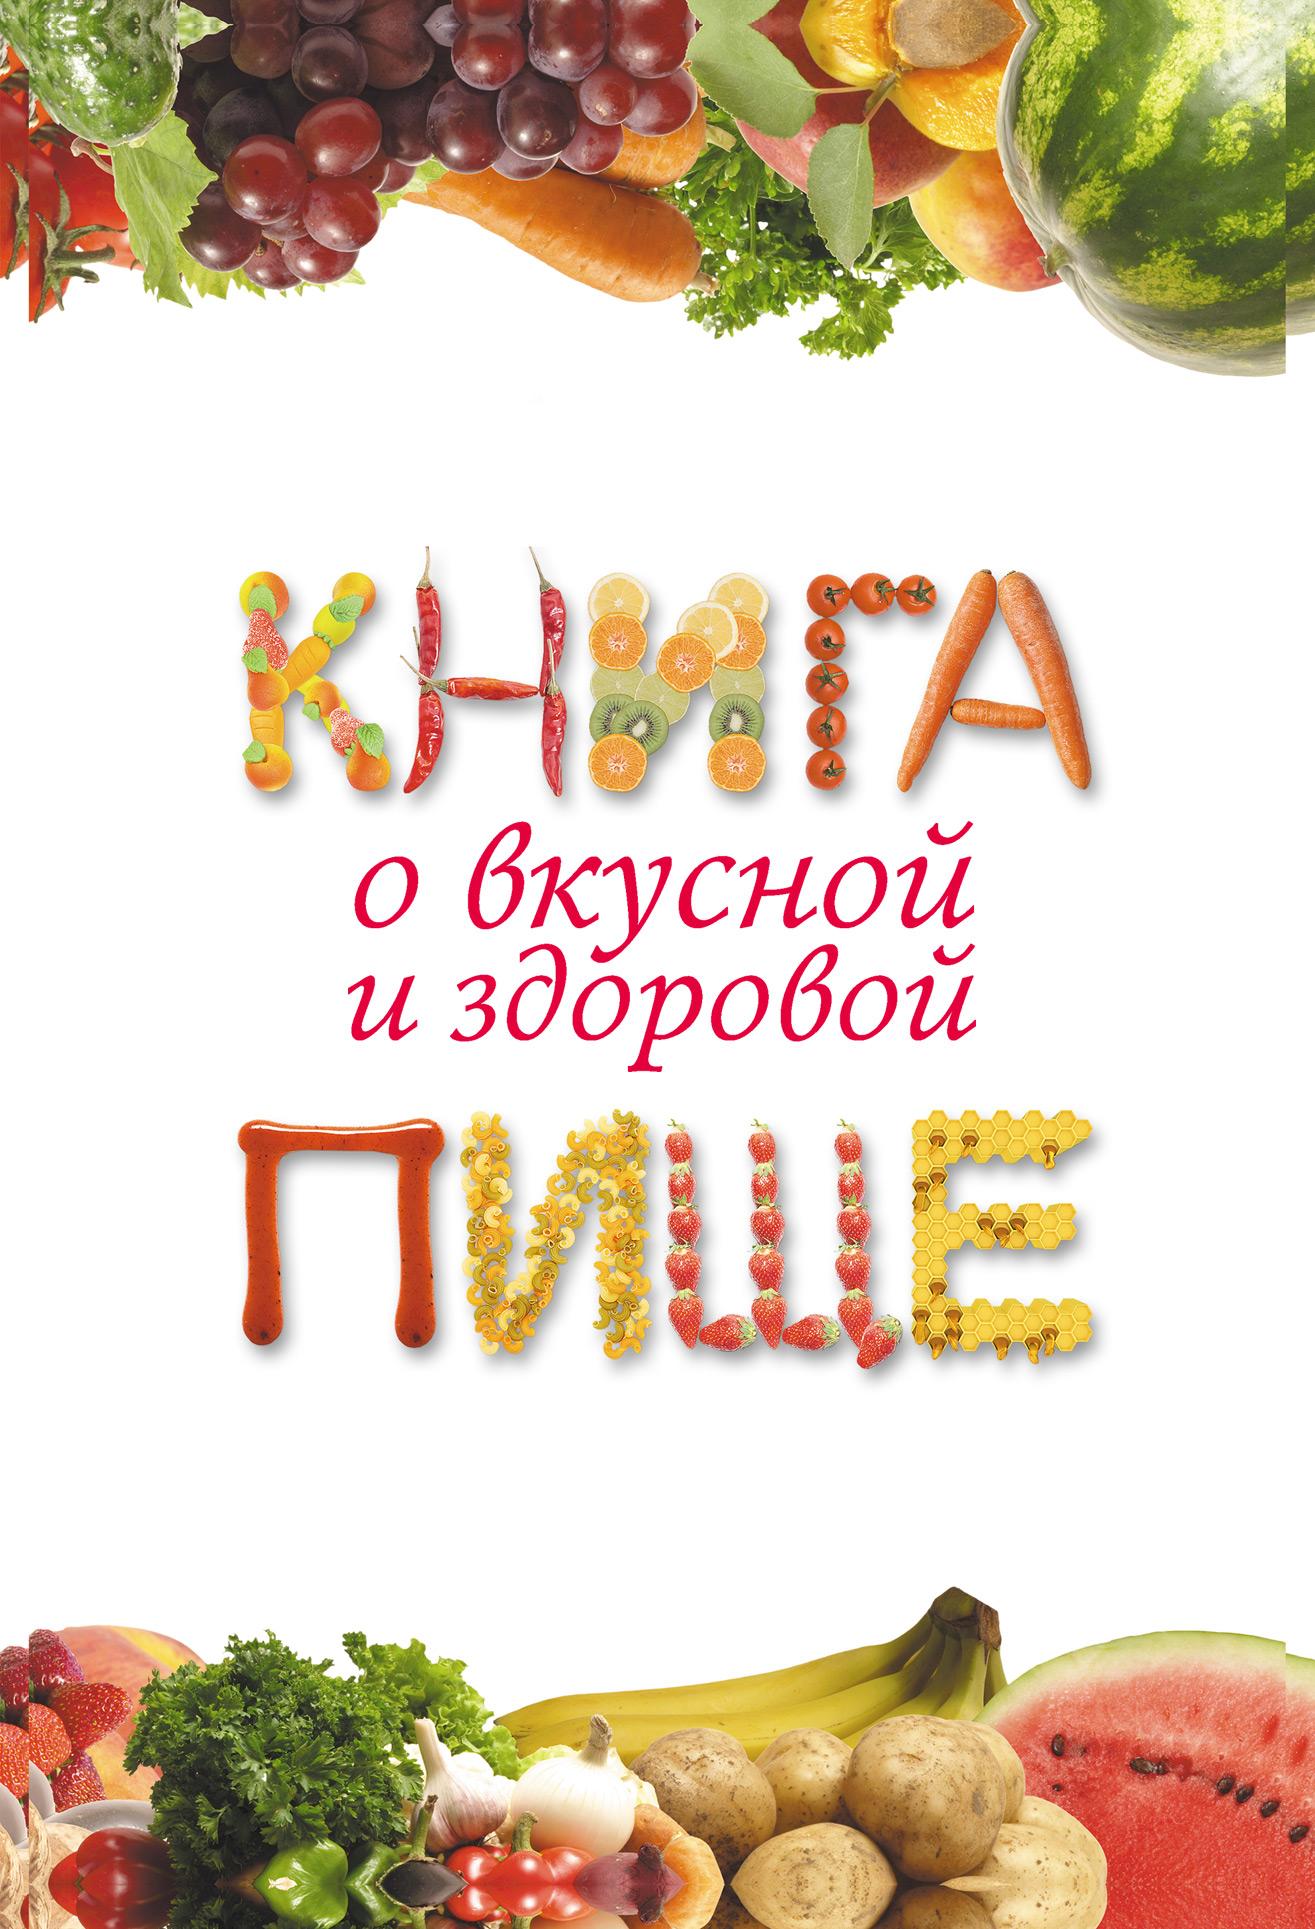 Екатерина Геннадьевна Капранова Книга о вкусной и здоровой пище ковальков а худеем интересно рецепты вкусной и здоровой жизни